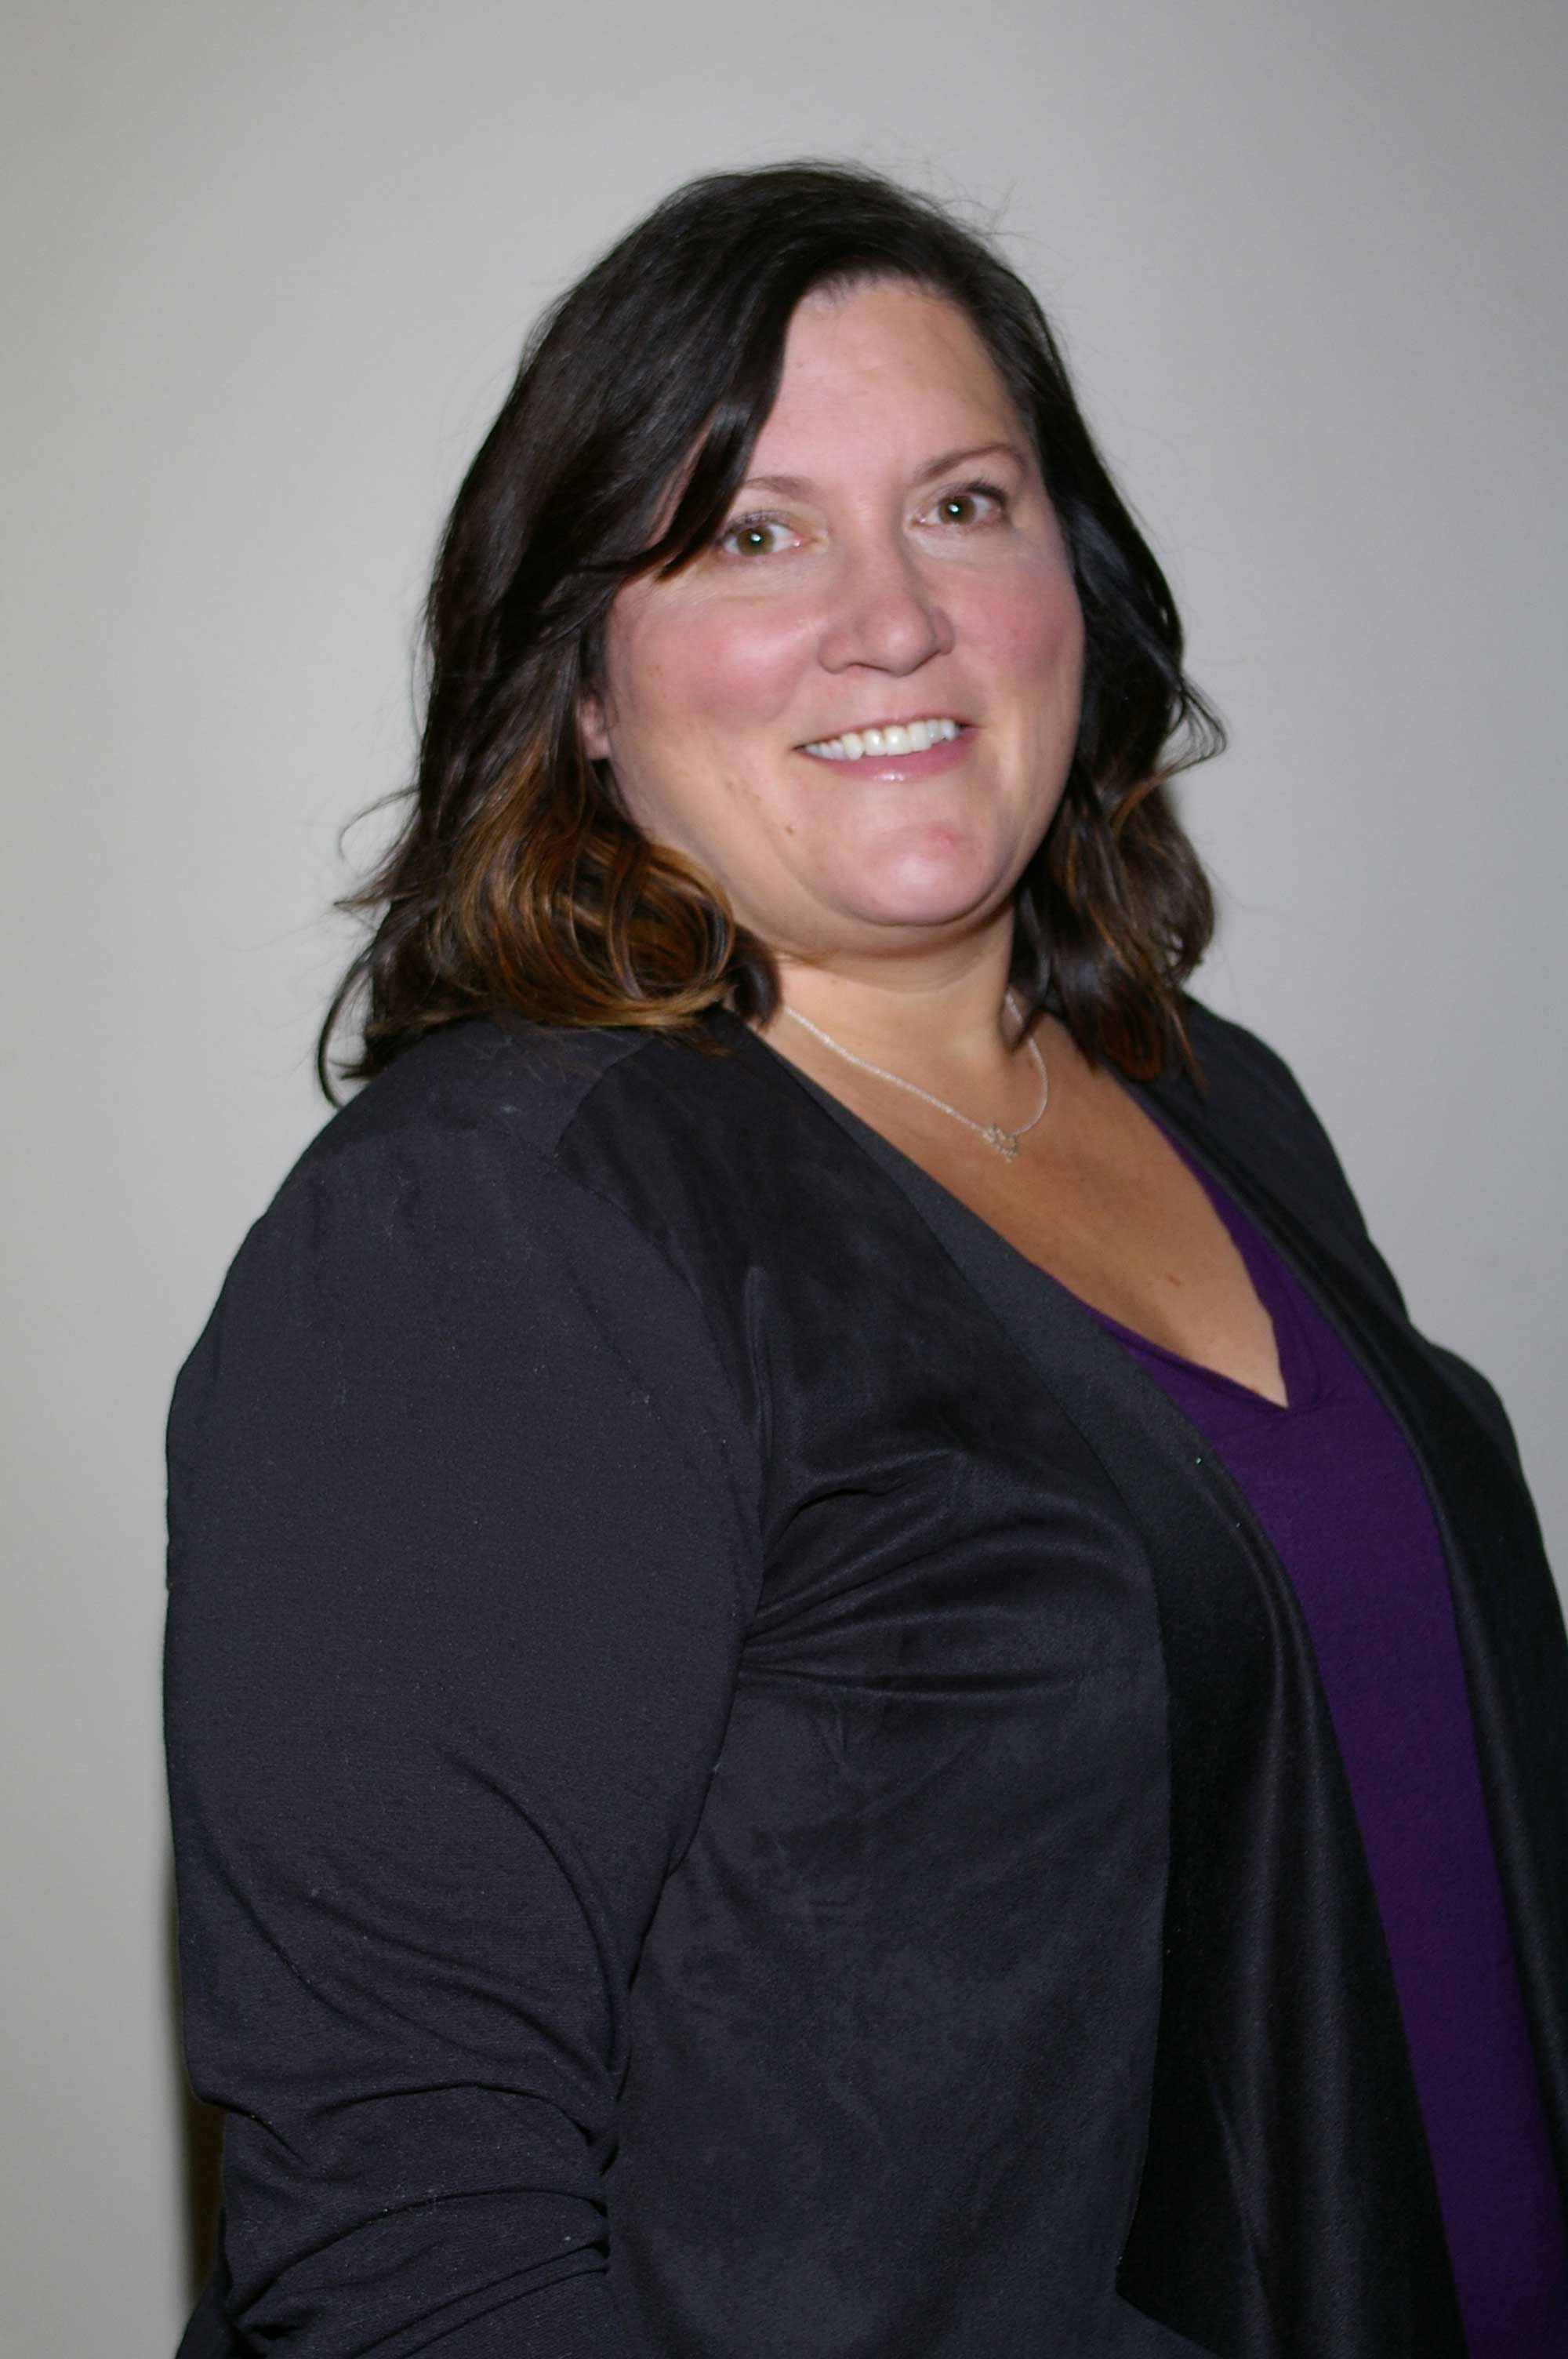 City Councillor Sharilyn Knox